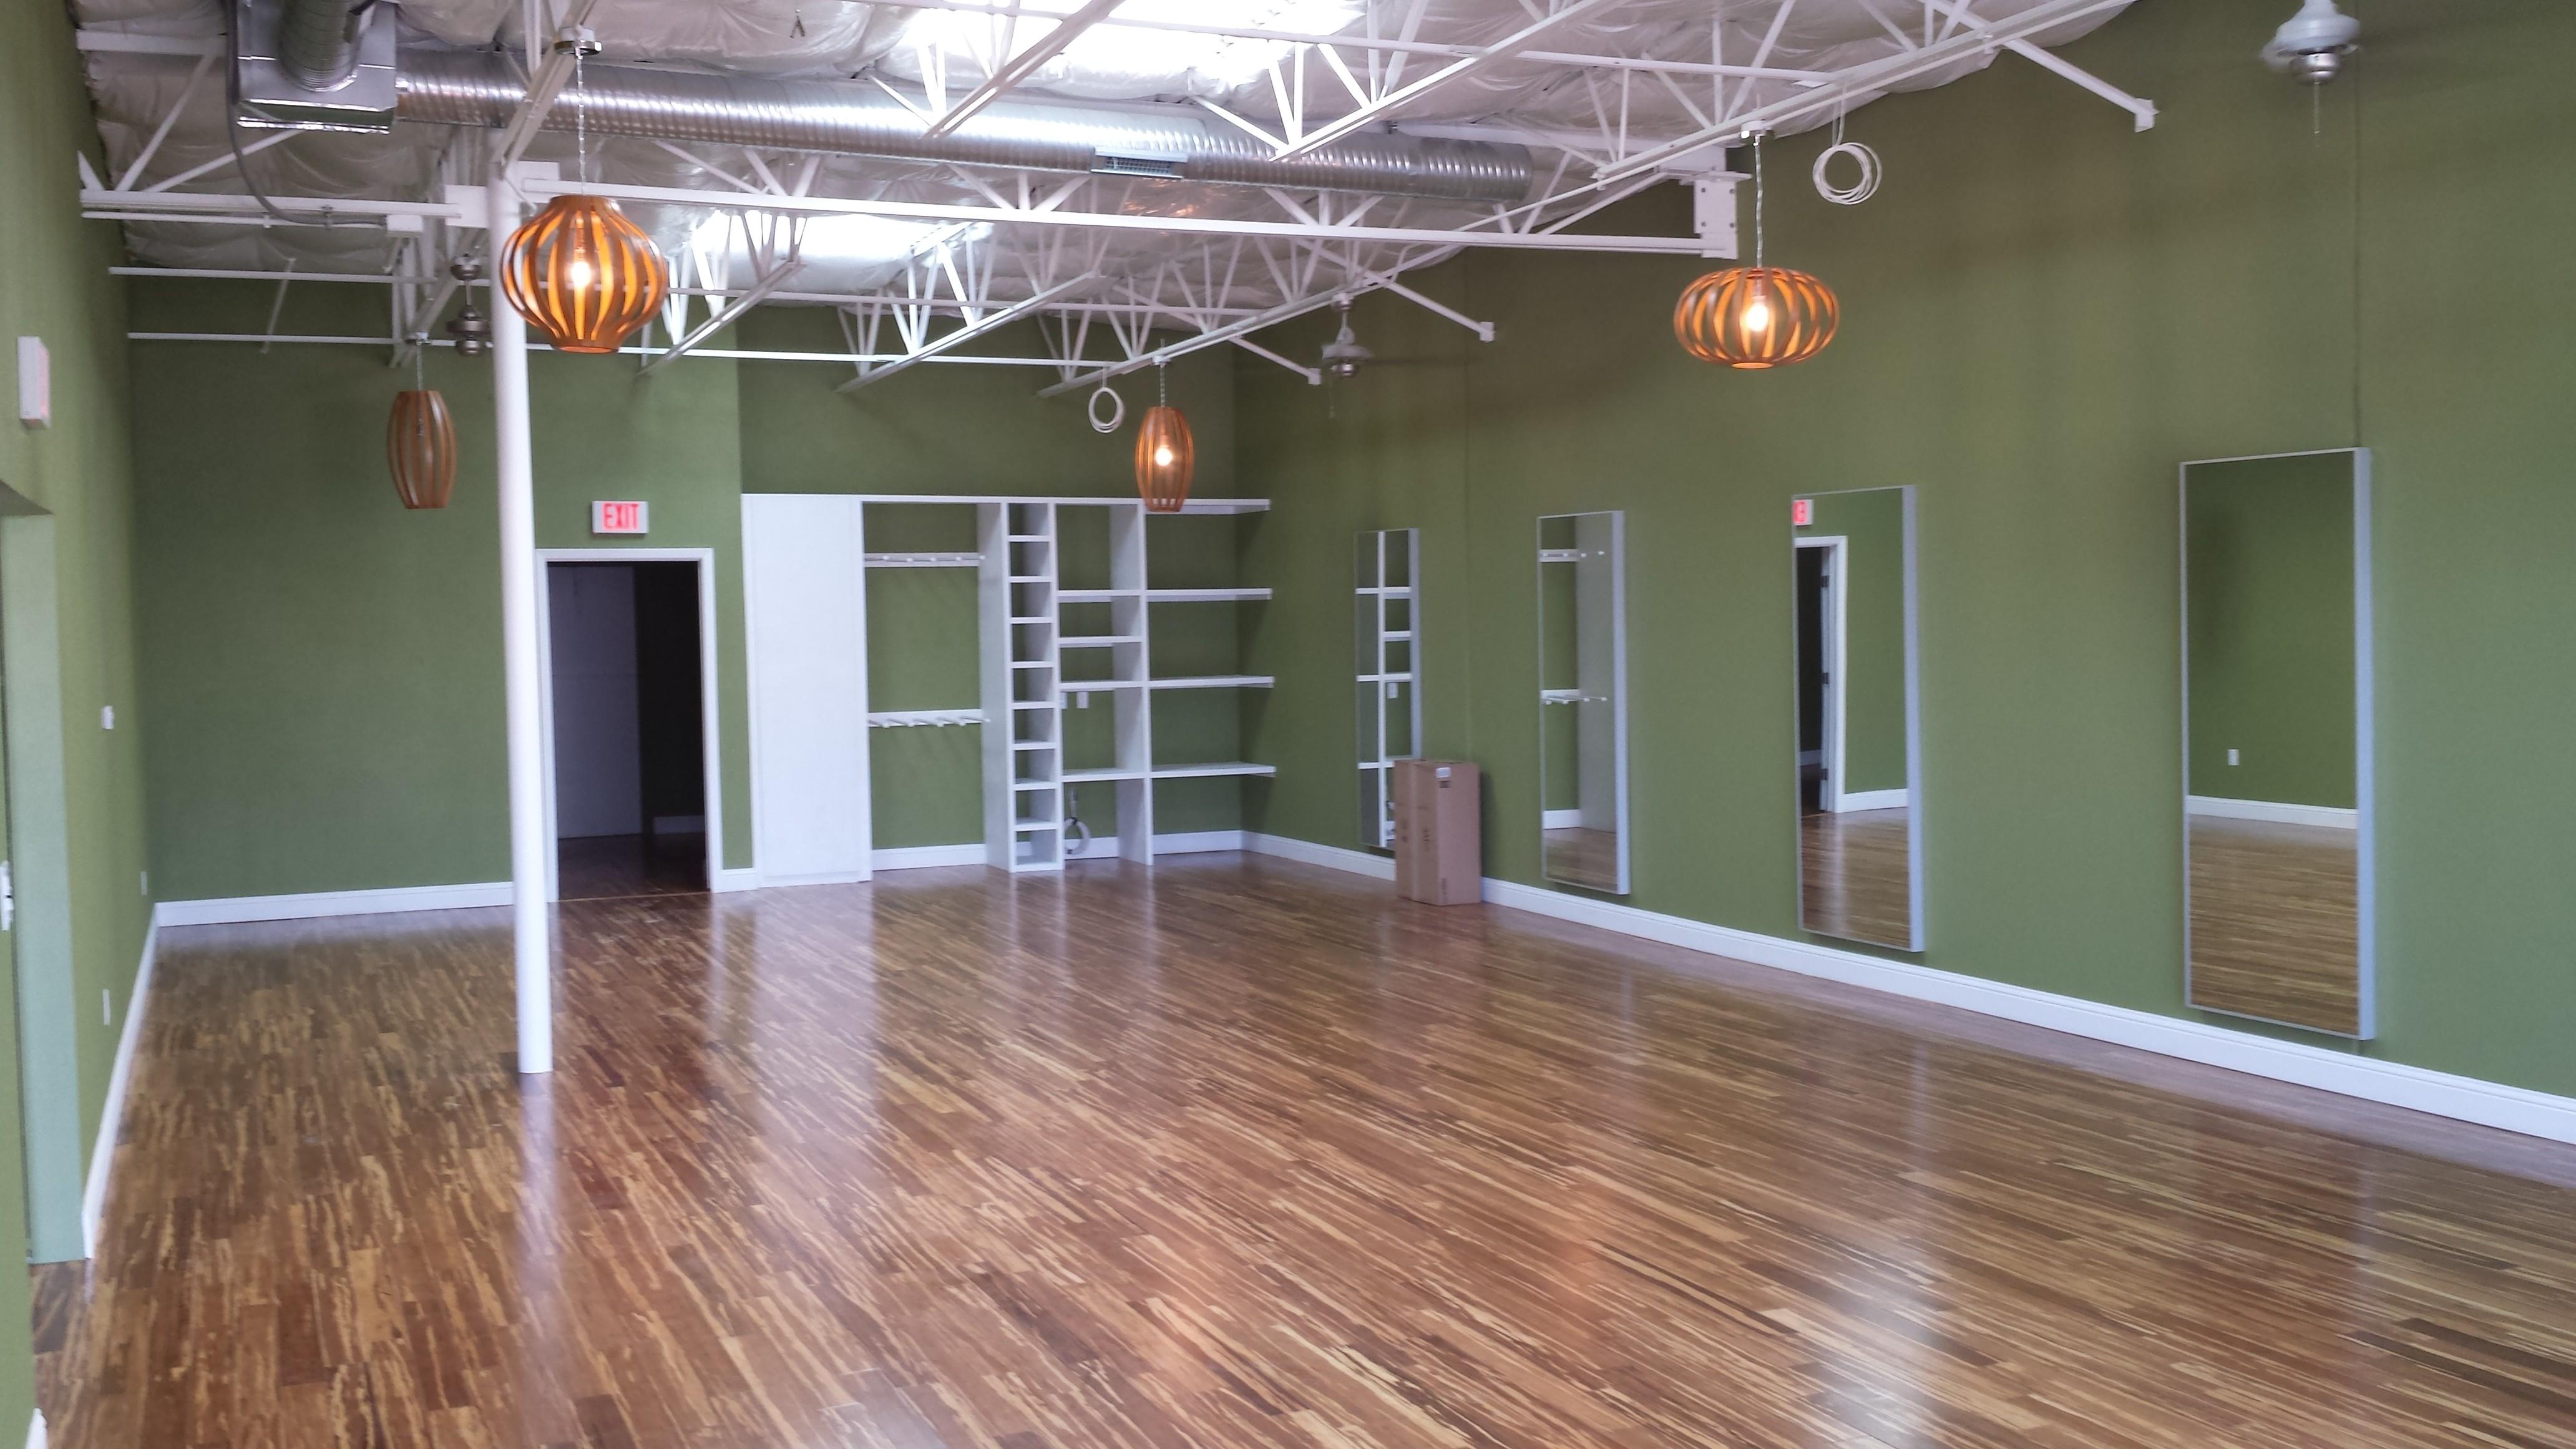 Bathroom Remodeling Experts remodeling kitchens & baths | plano | dallas | montfort designs llc